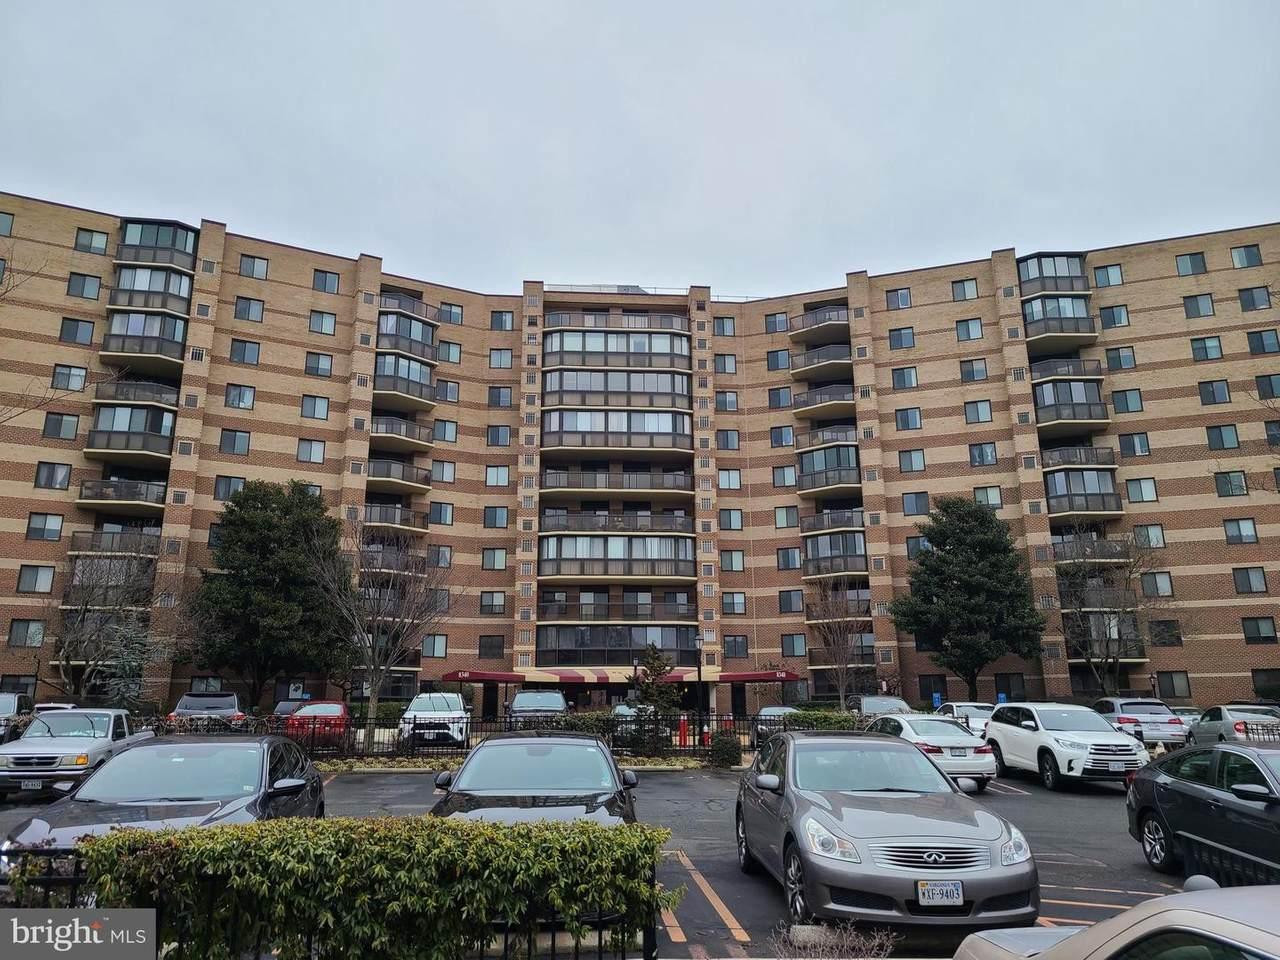 8340 Greensboro Drive - Photo 1